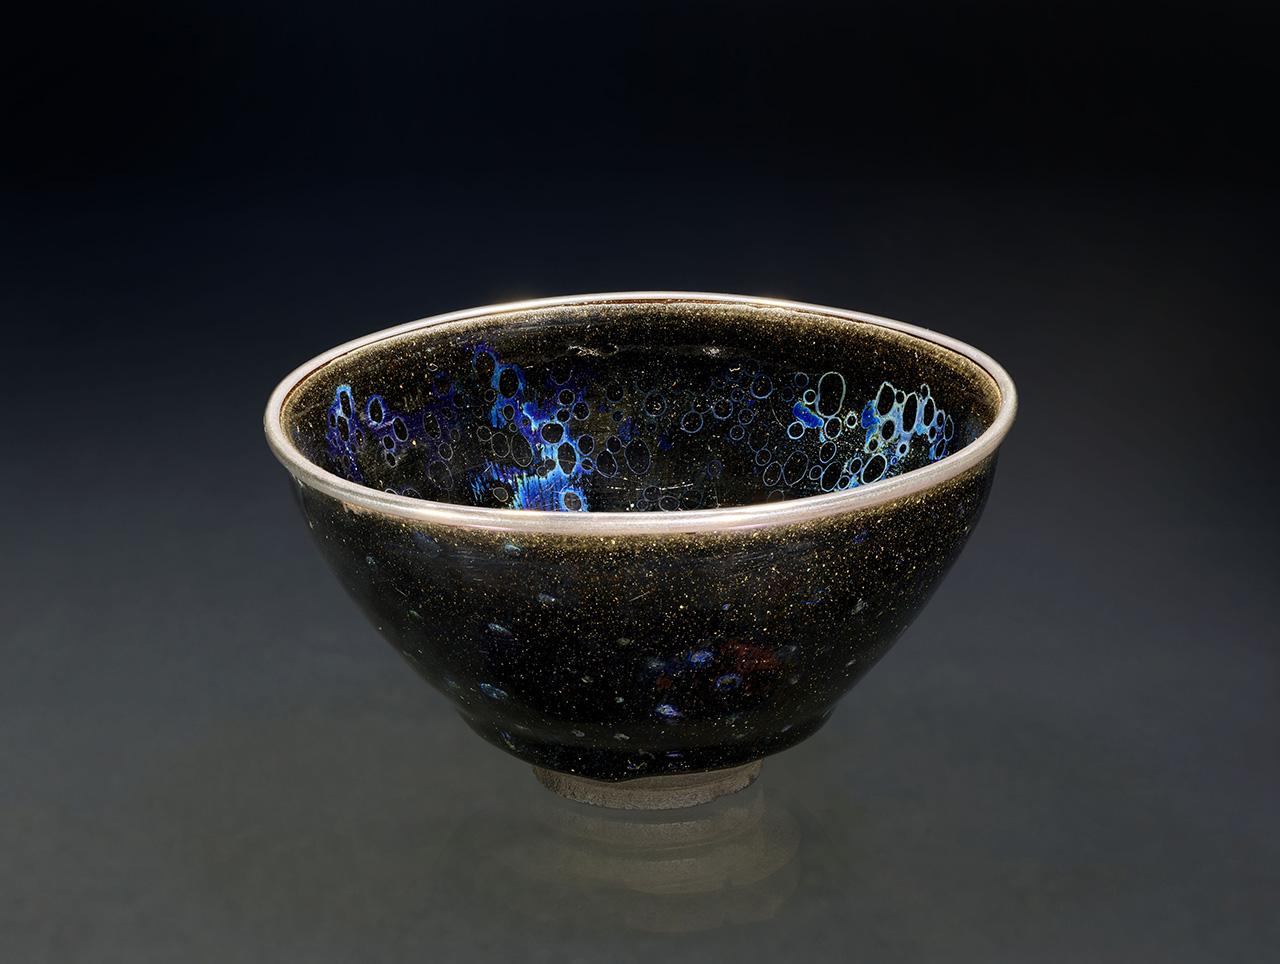 国宝 曜変天目茶碗 南宋 12-13世紀 藤田美術館所蔵